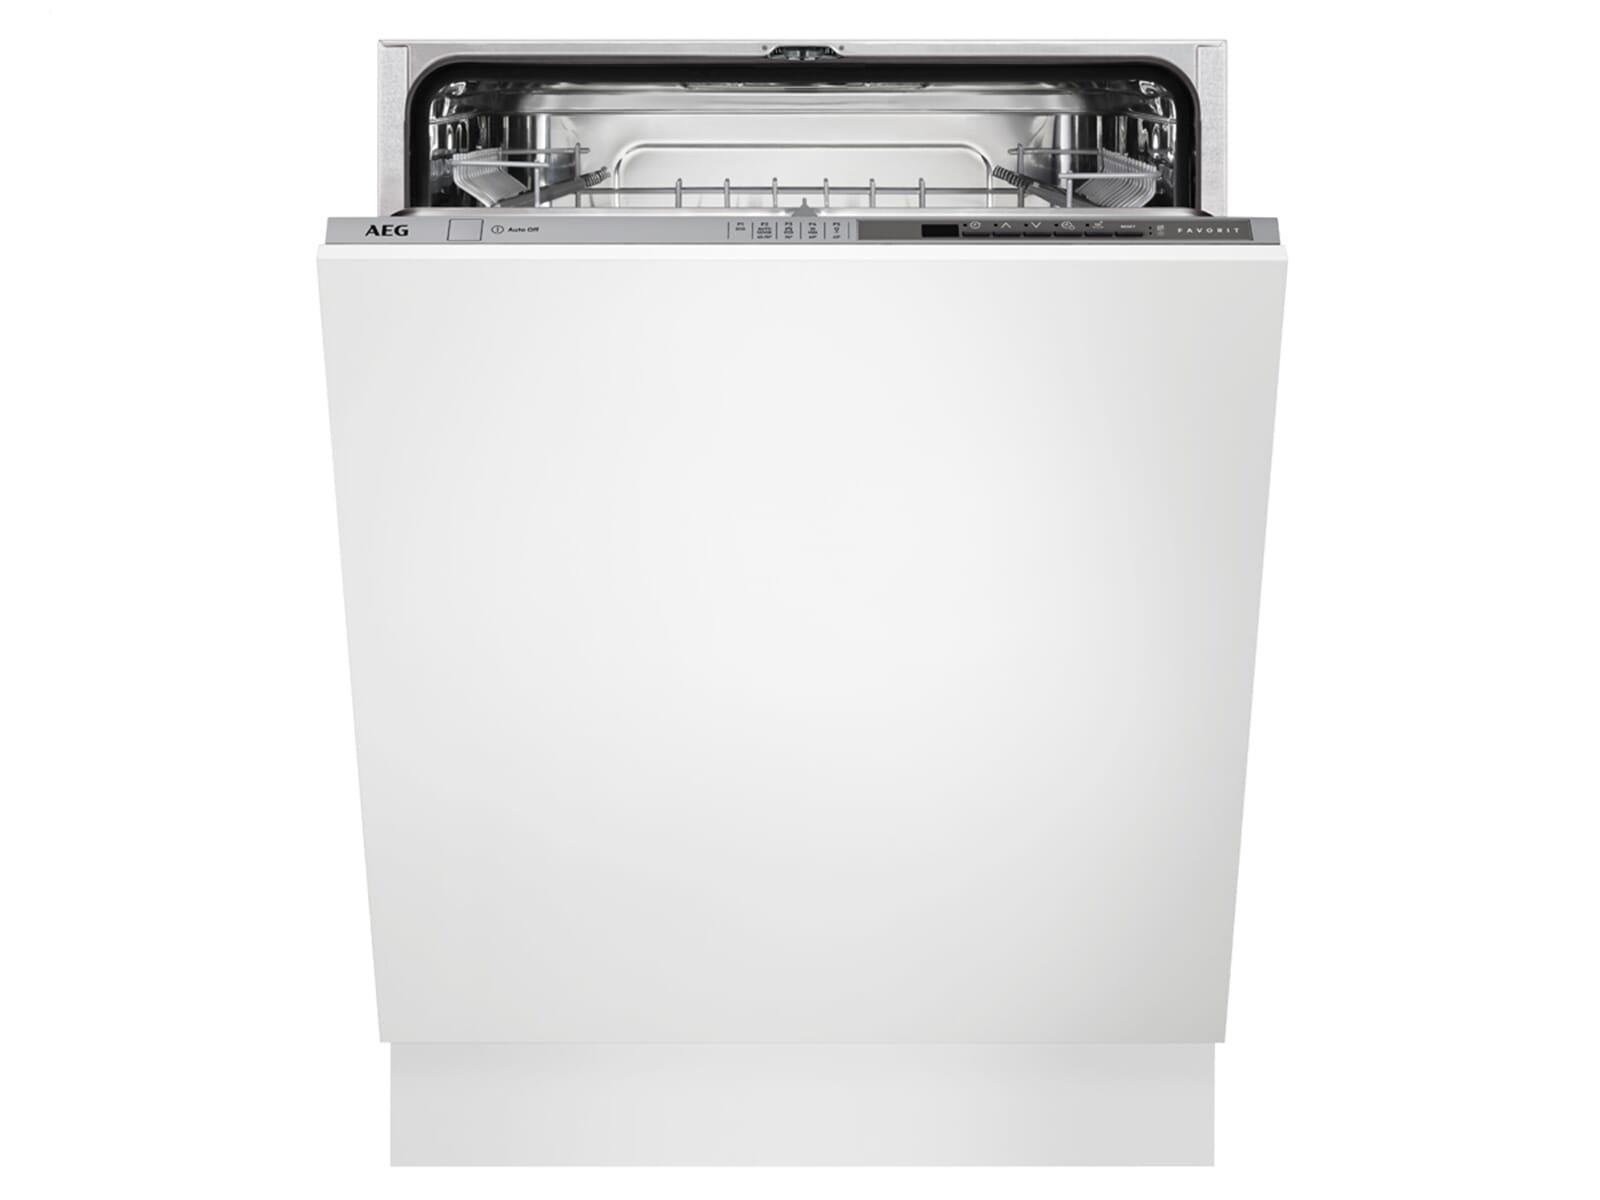 Aeg Kühlschrank Einbauen Anleitung : Aeg fsb z vollintegrierbarer einbaugeschirrspüler